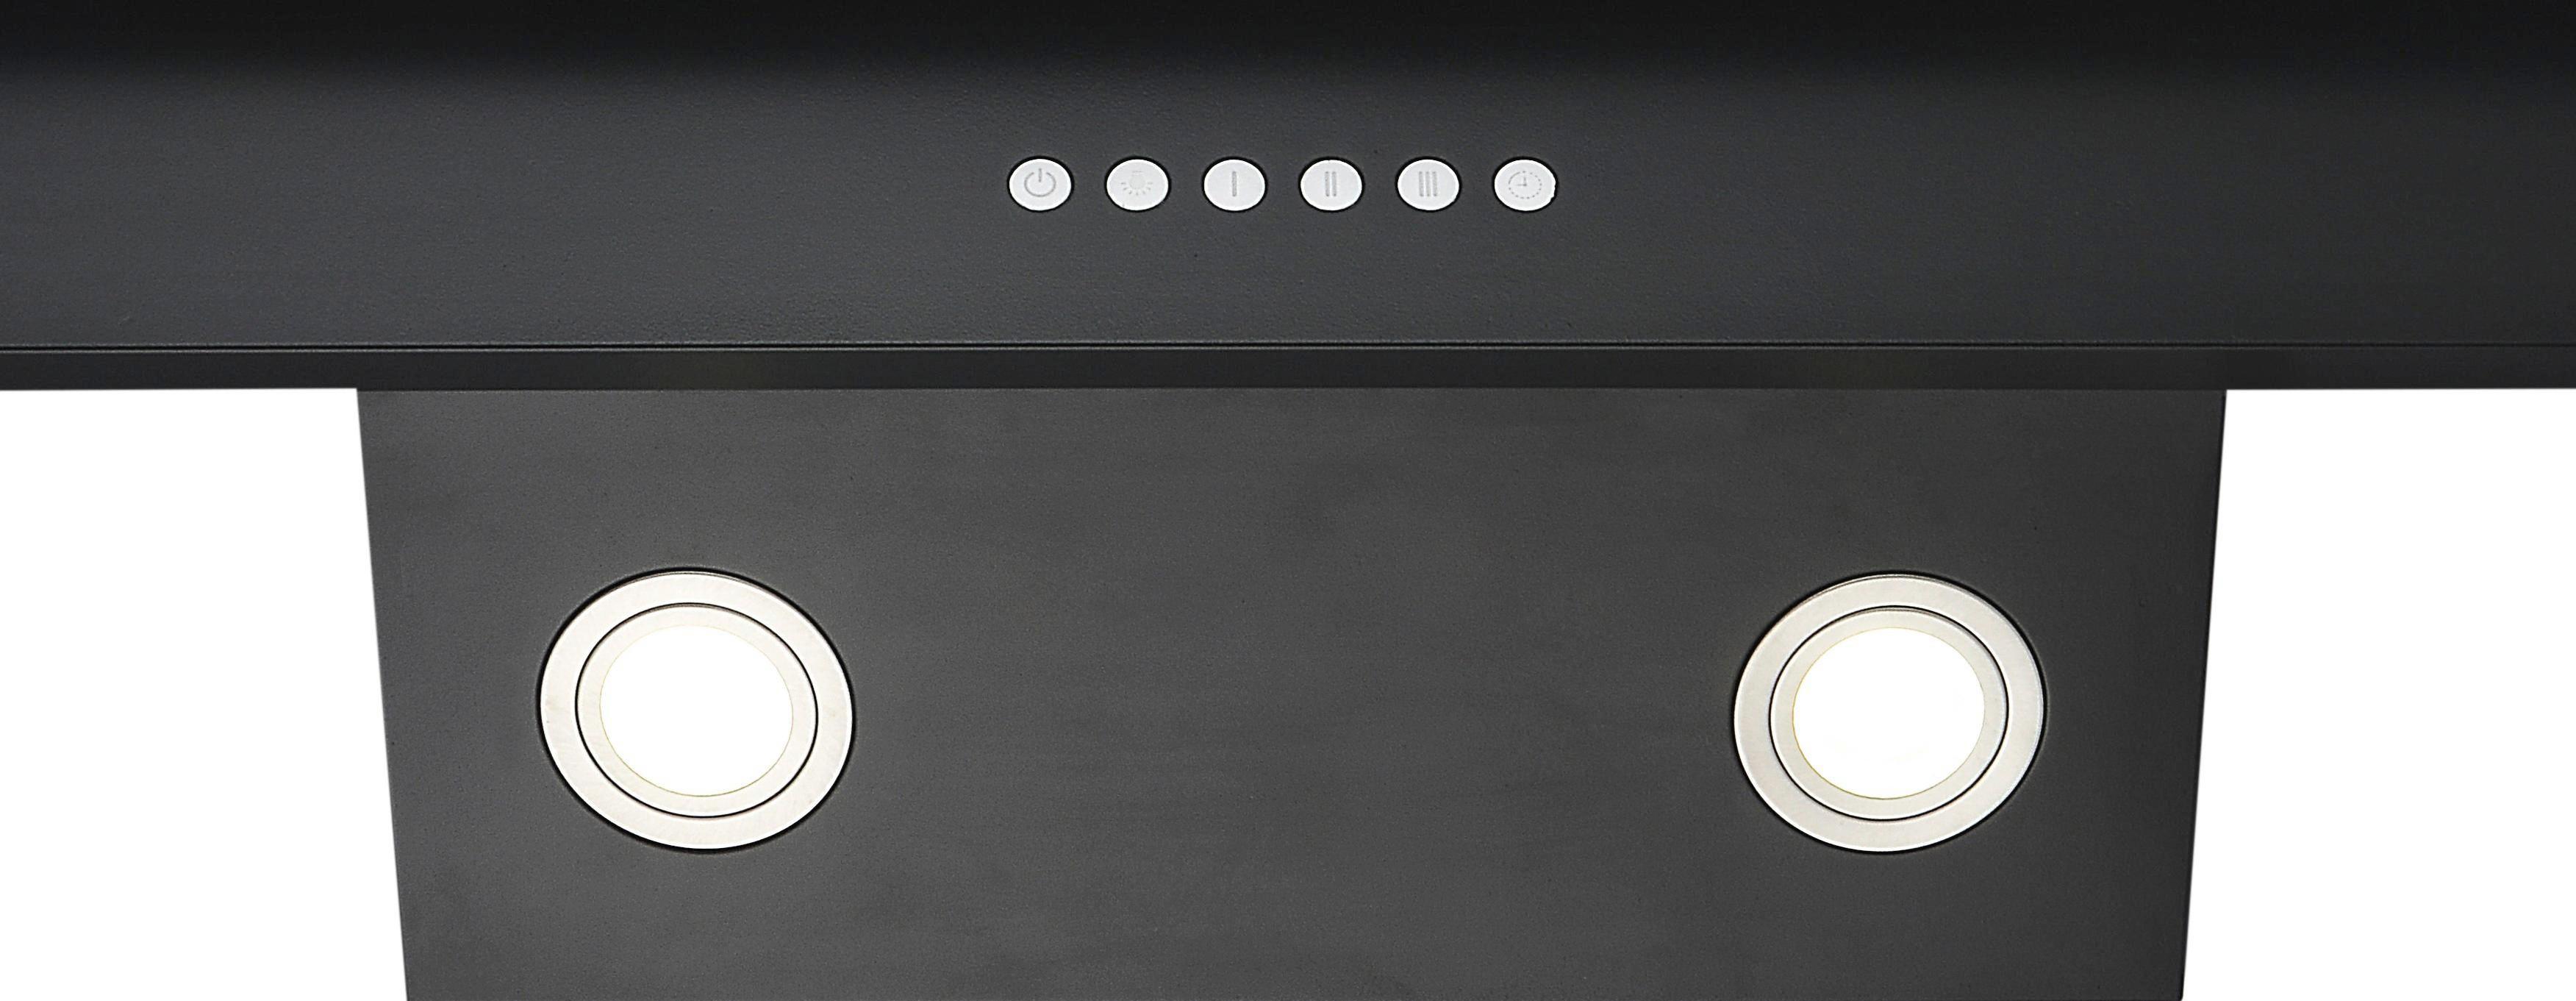 Großzügig Billige Elektrische Küchengeräte Uk Fotos - Küche Set ...